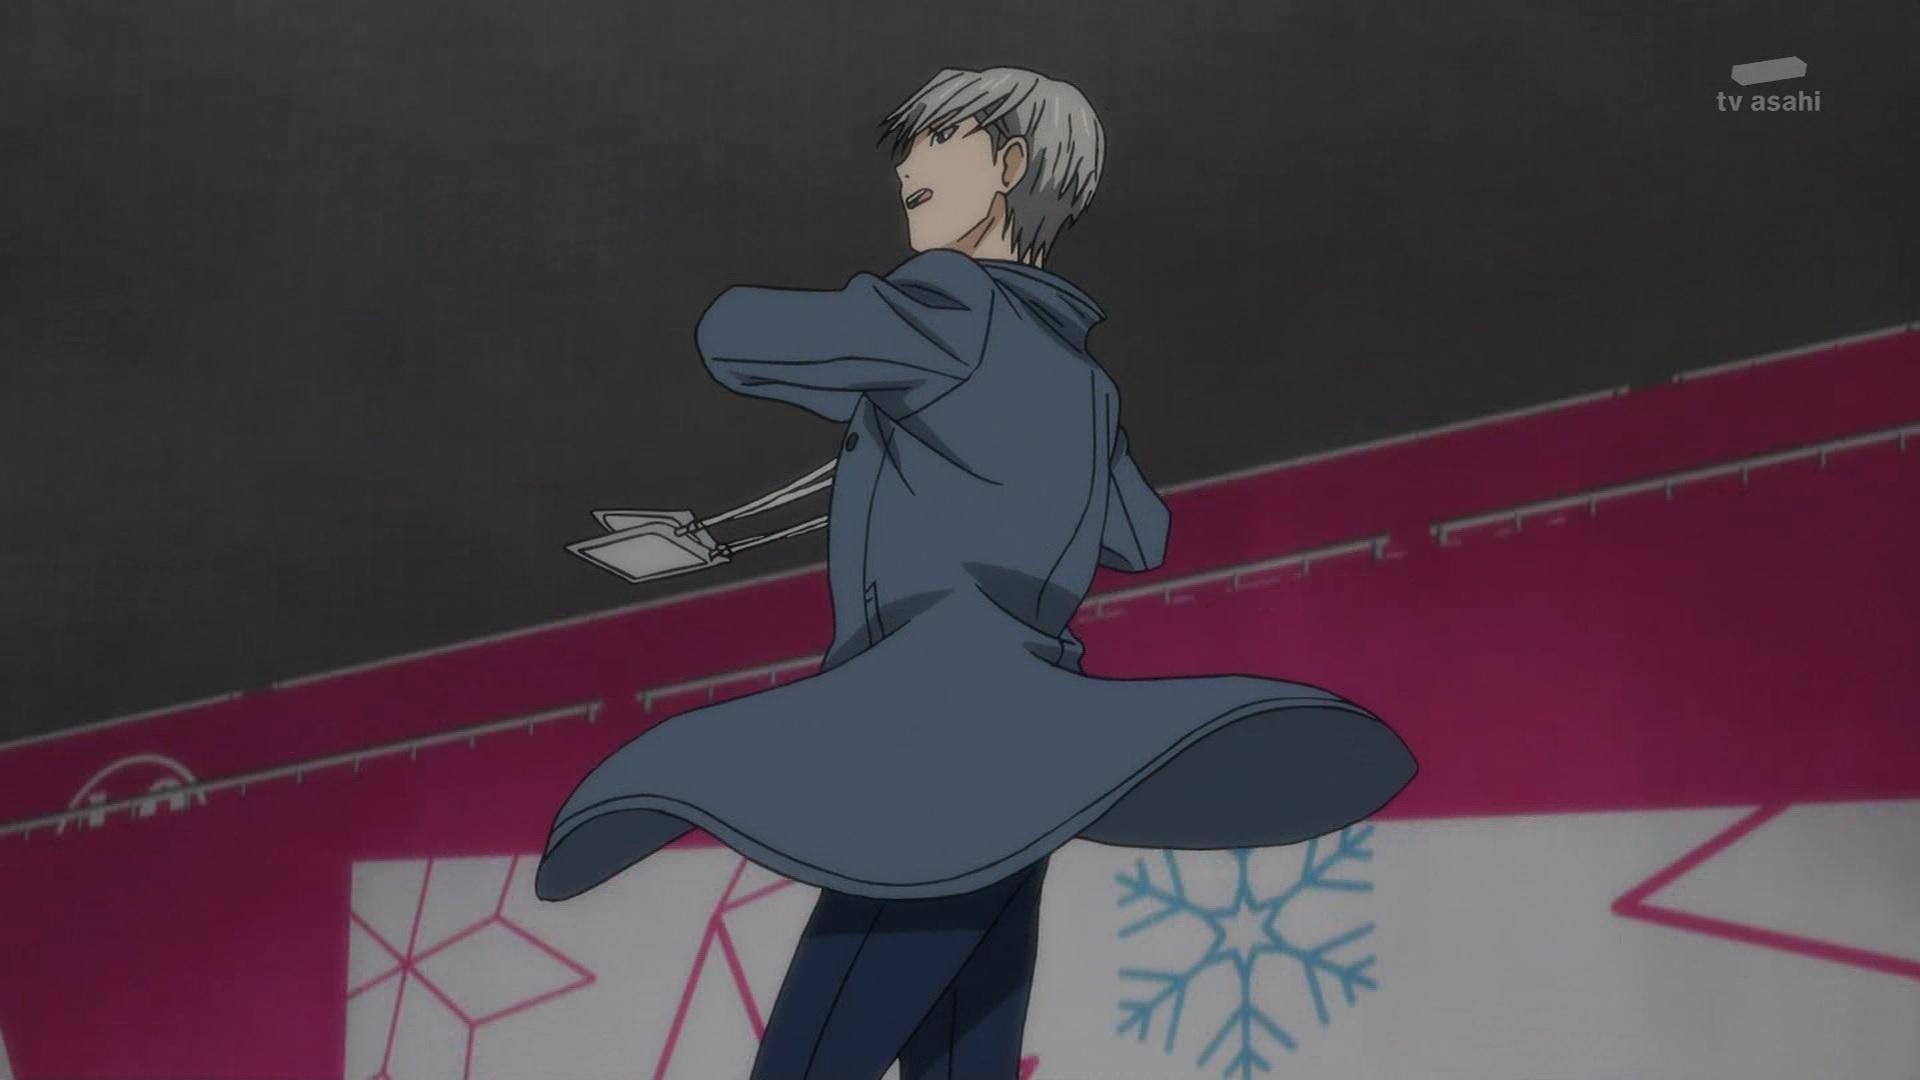 ヴィクトルのジャンプ(第11話画像)